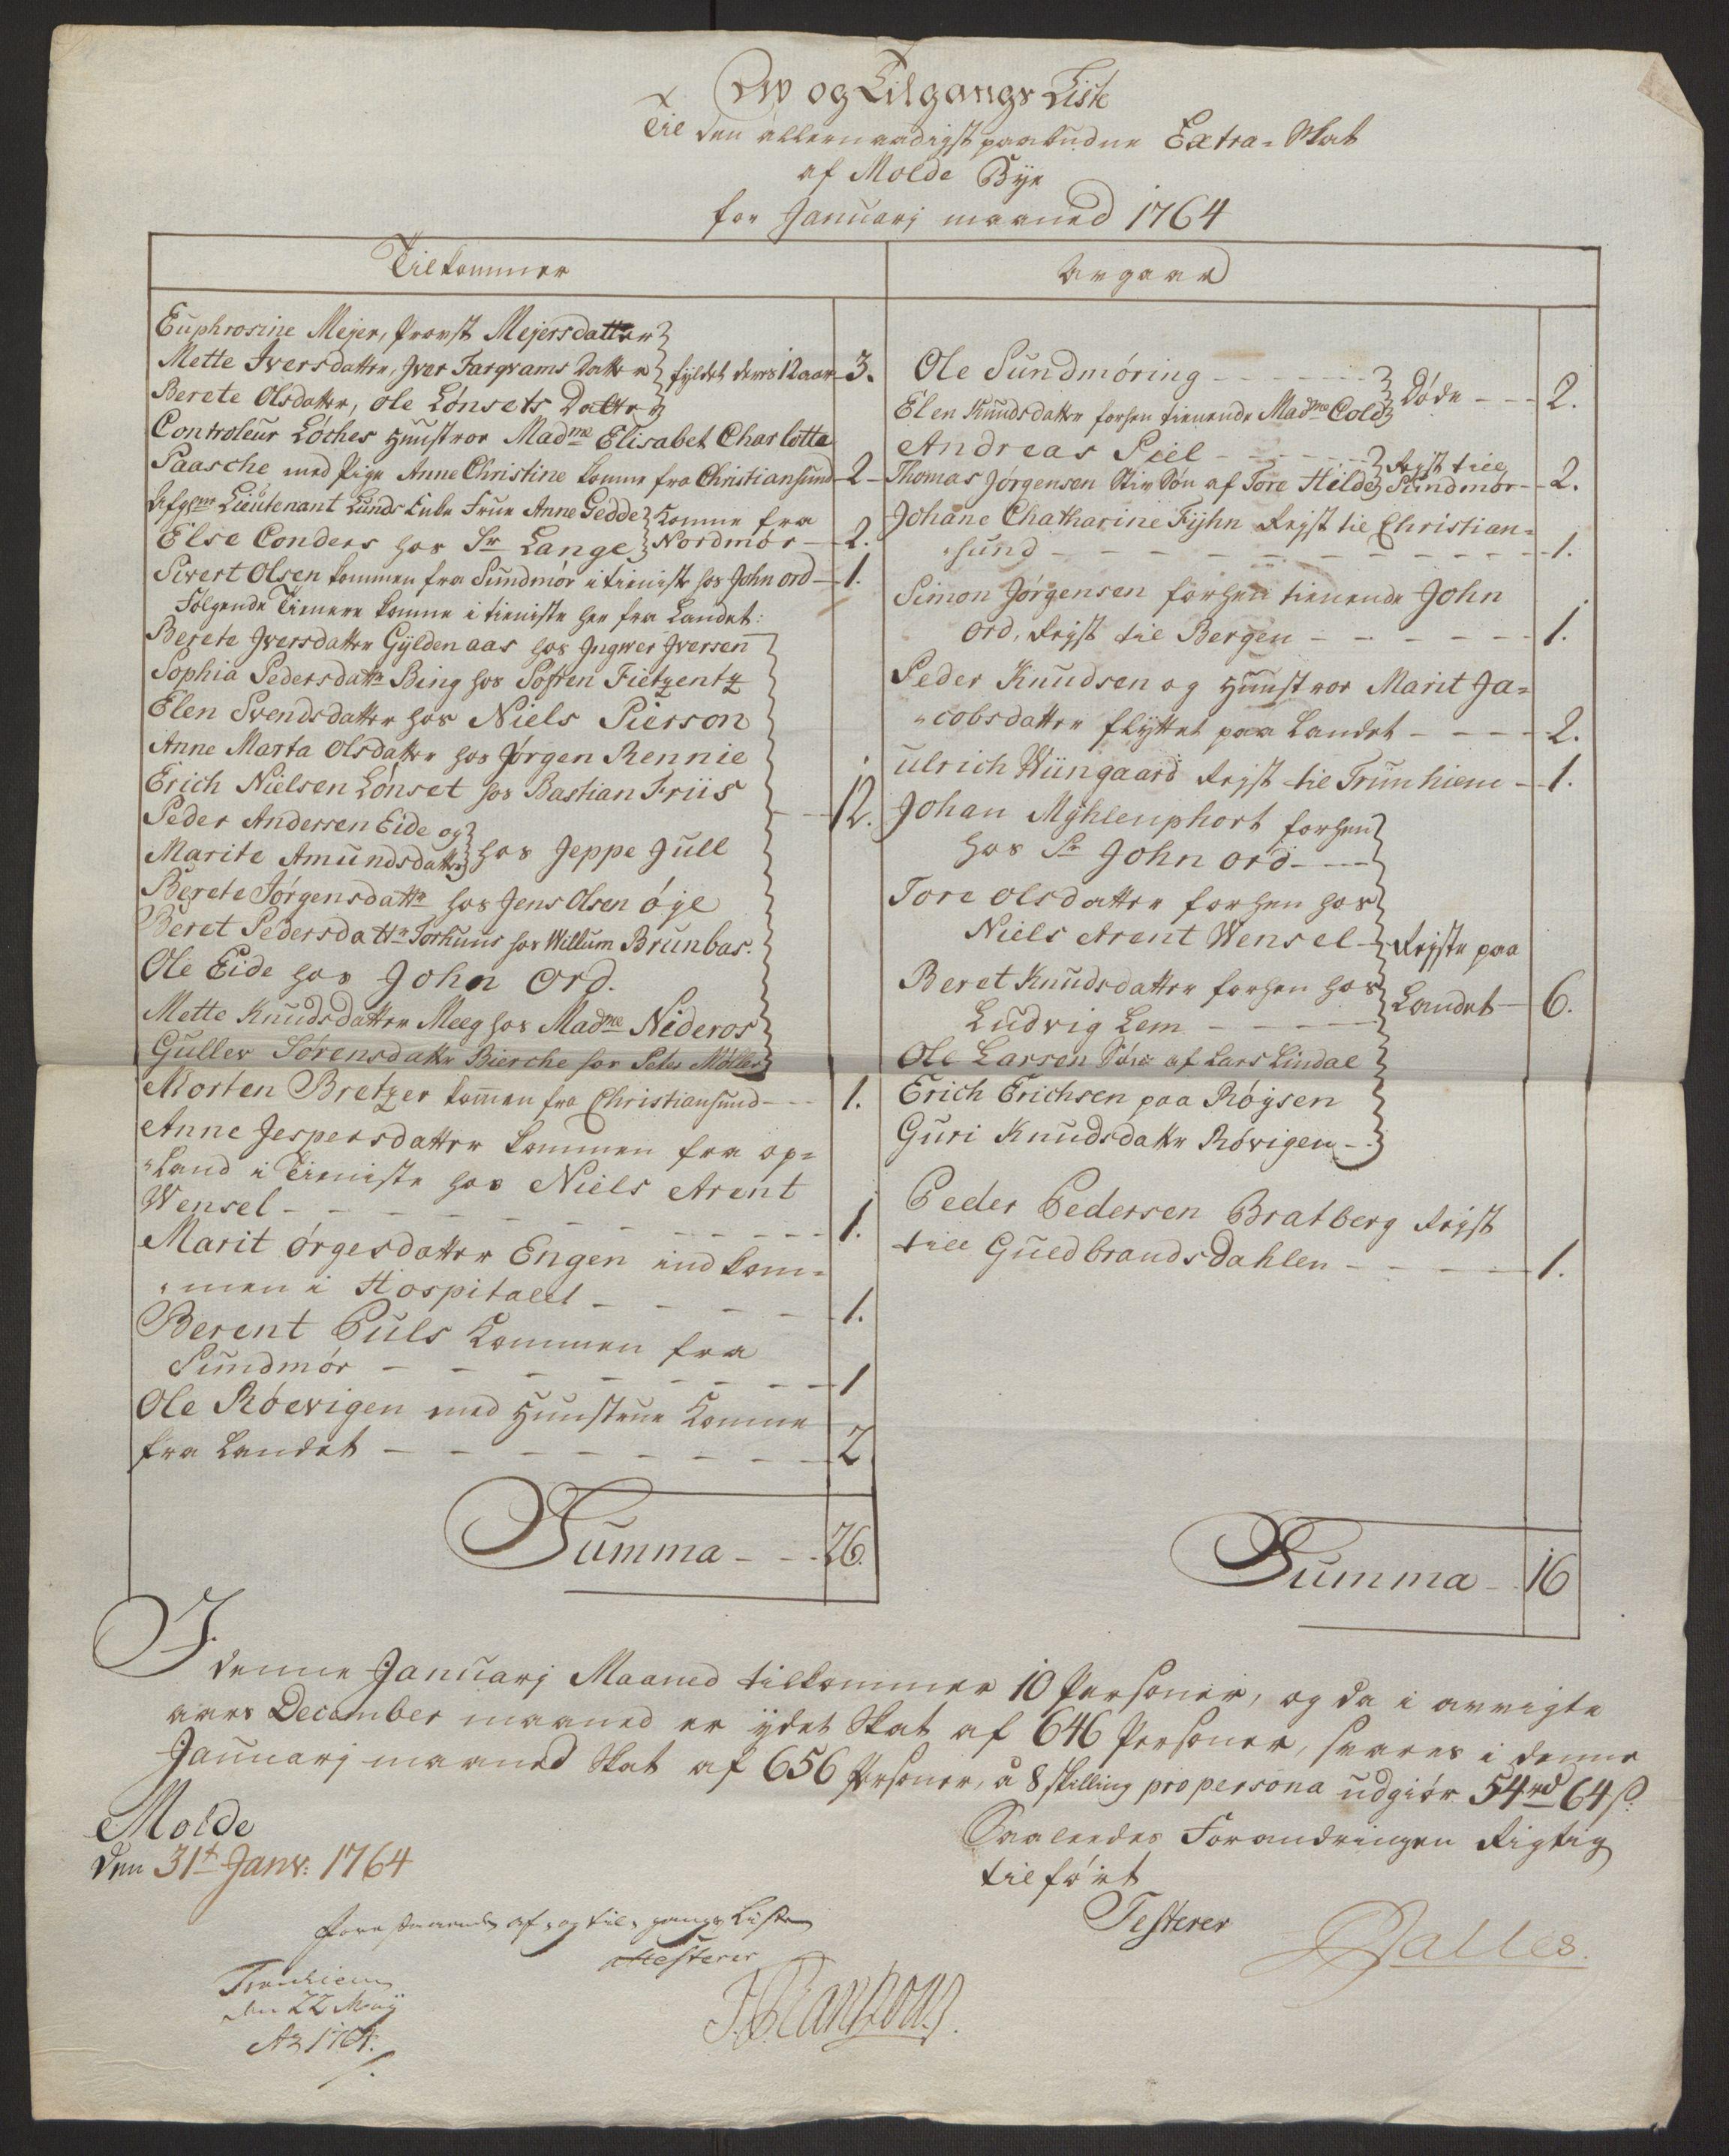 RA, Rentekammeret inntil 1814, Reviderte regnskaper, Byregnskaper, R/Rq/L0487: [Q1] Kontribusjonsregnskap, 1762-1772, p. 73